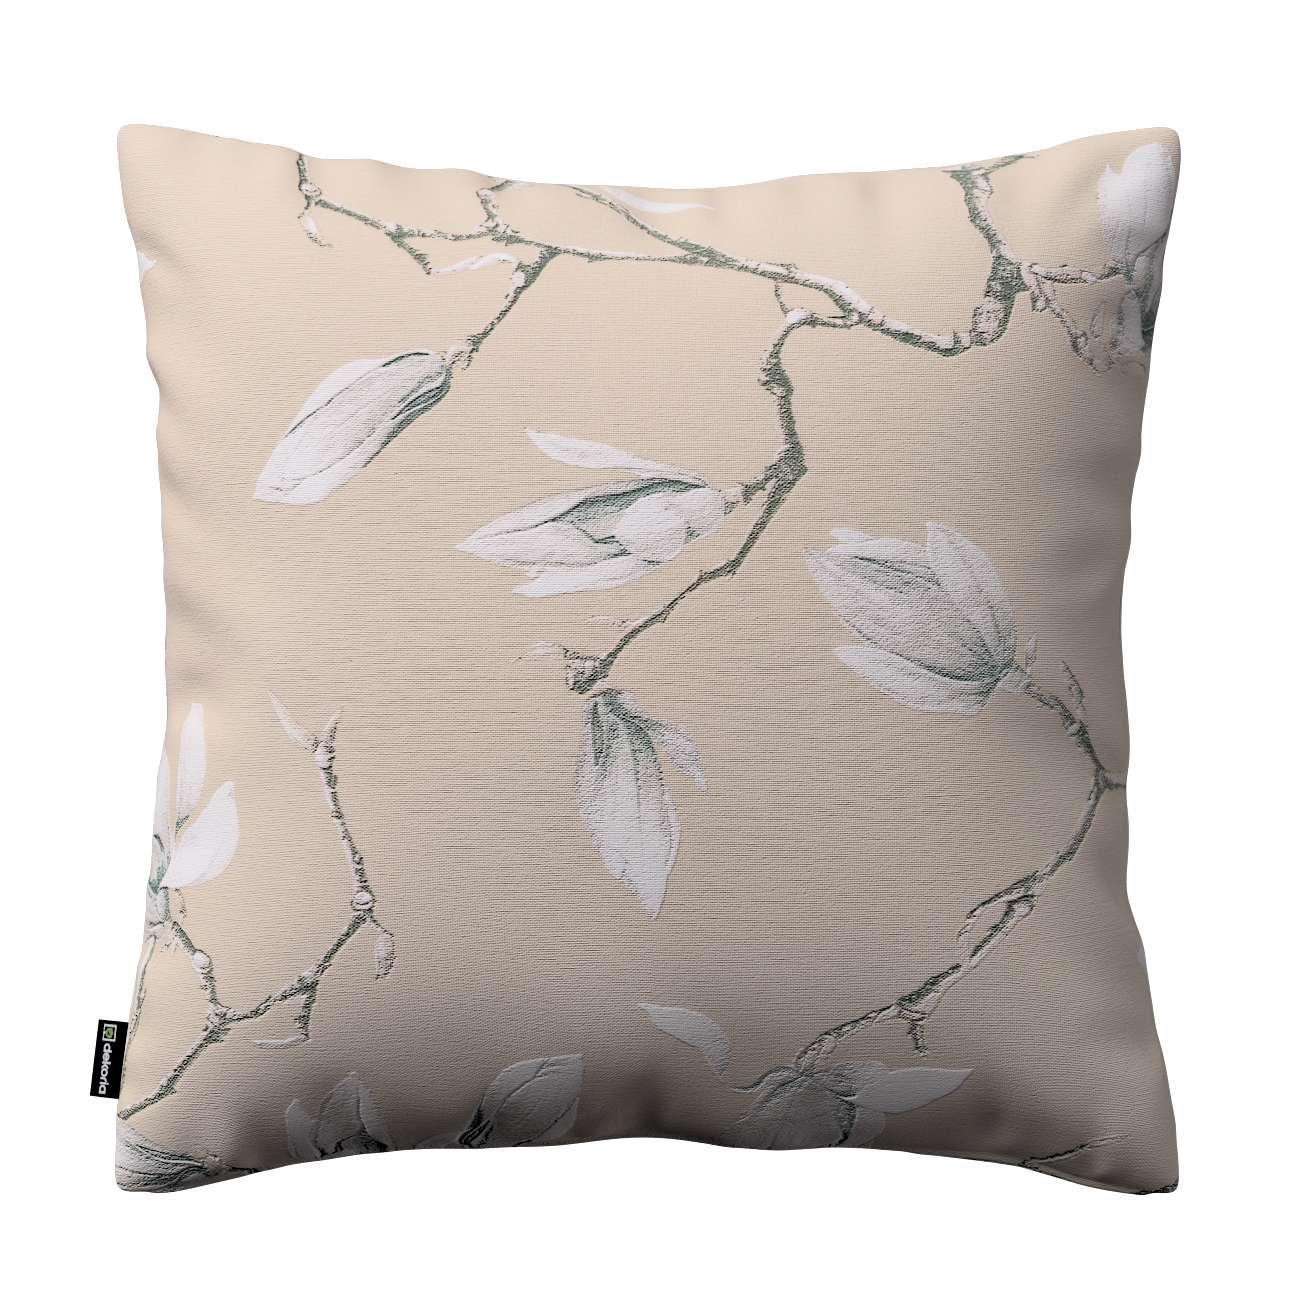 Kinga dekoratyvinės pagalvėlės užvalkalas 43 x 43 cm kolekcijoje Flowers, audinys: 311-12